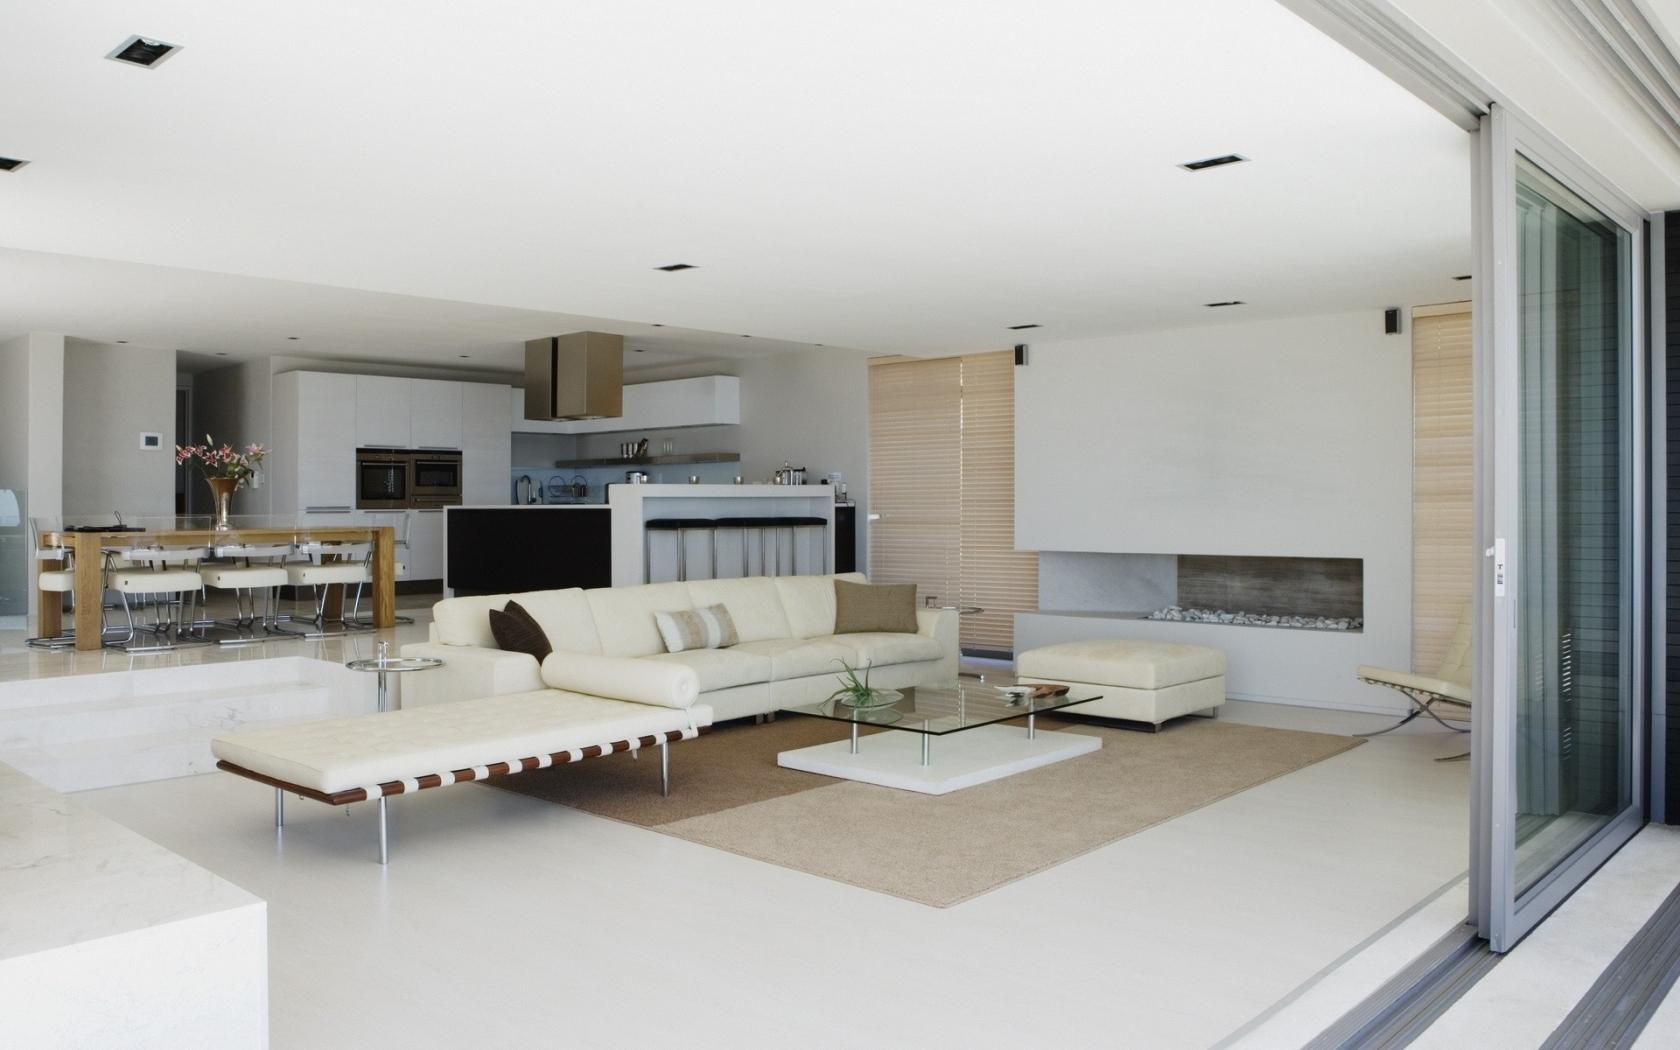 Diseño de sala comedor - 1680x1050